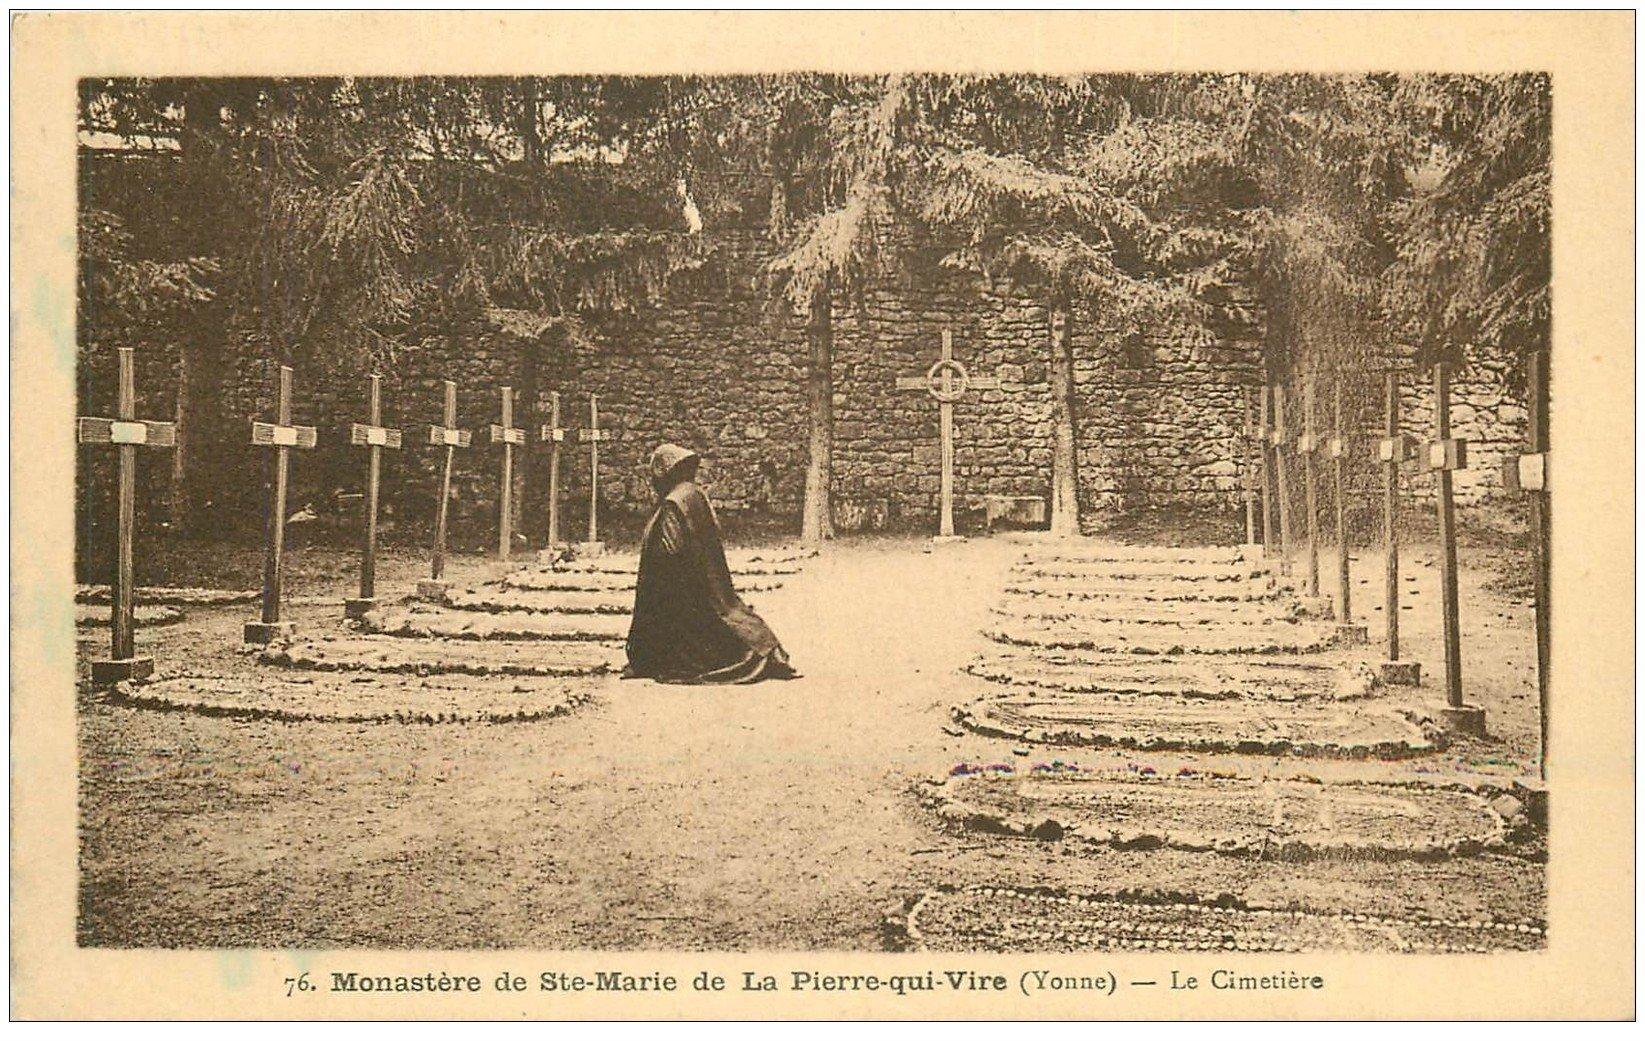 Pierre De L Yonne 89 la pierre qui vire. monastère de sainte marie le cimetière